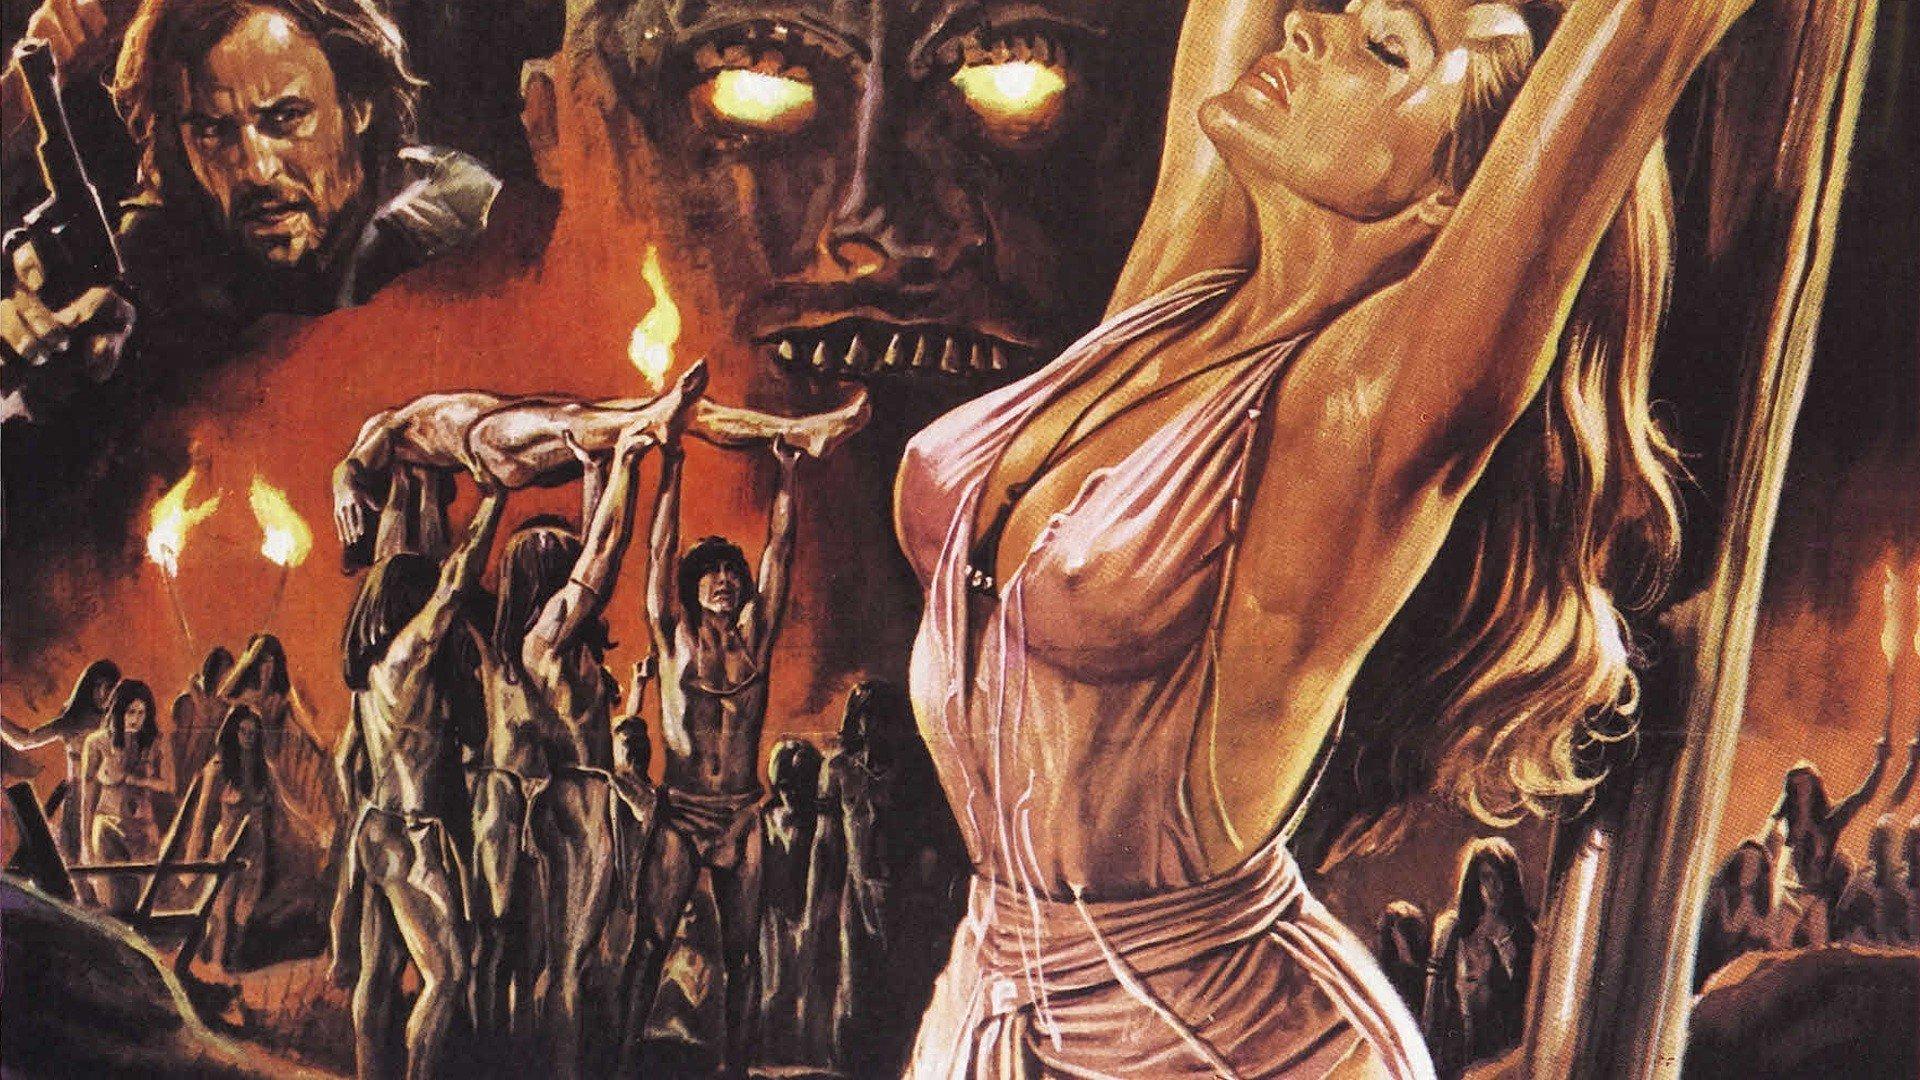 фильмы ужасов история фильмов ужасов белый зомби отвратительные мужики disgusting men зверь с глубины 2000 фатомов гора бога каннибалов